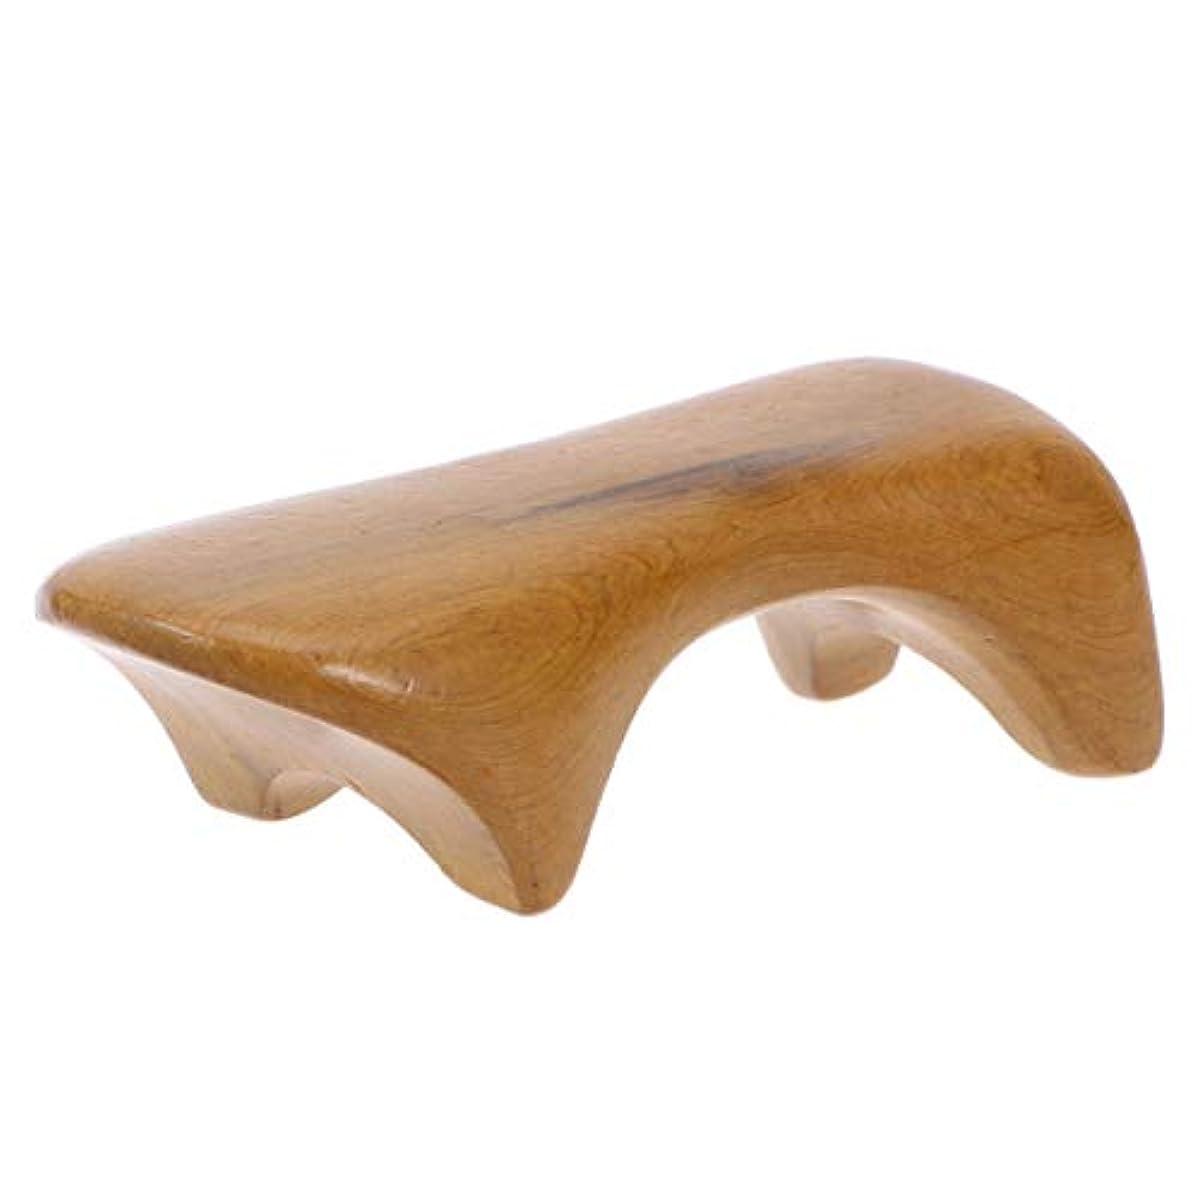 思い出手術癒す完全木製のための木の背部マッサージャーの手持ち型のBadyのマッサージャーの多機能のマッサージャー